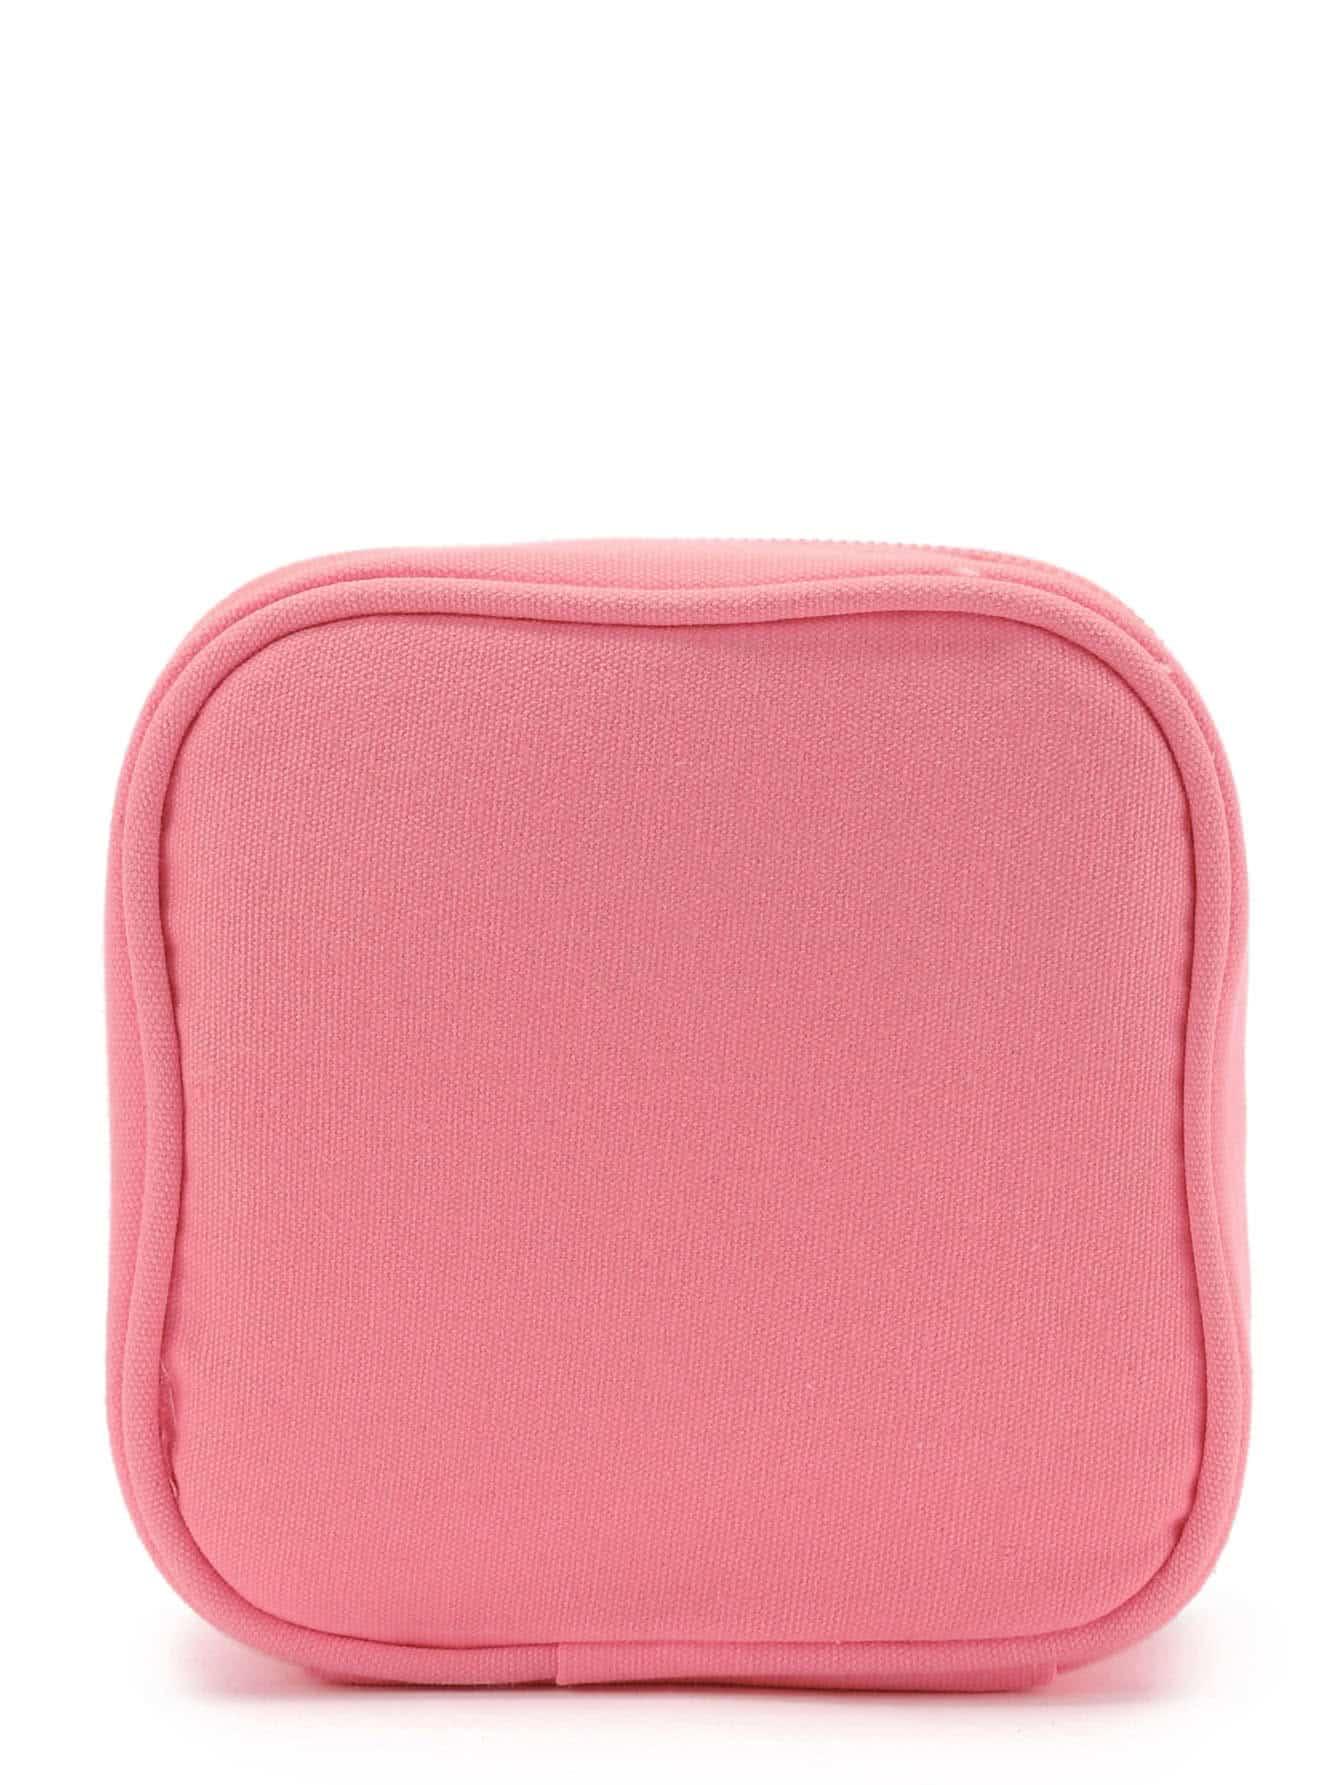 Patch Detail Makeup Cube Pouch